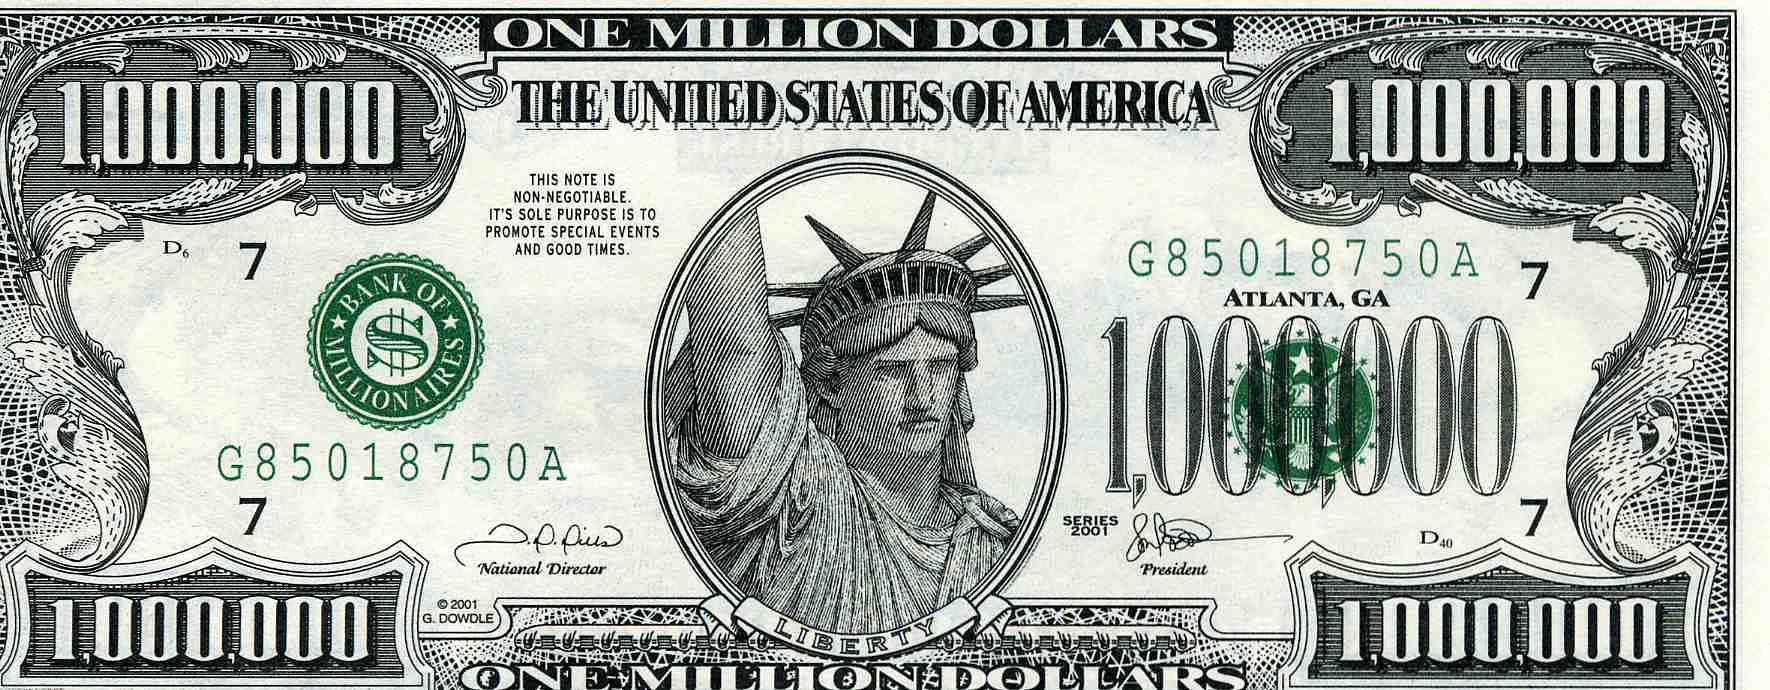 opengear-one-million-dollars